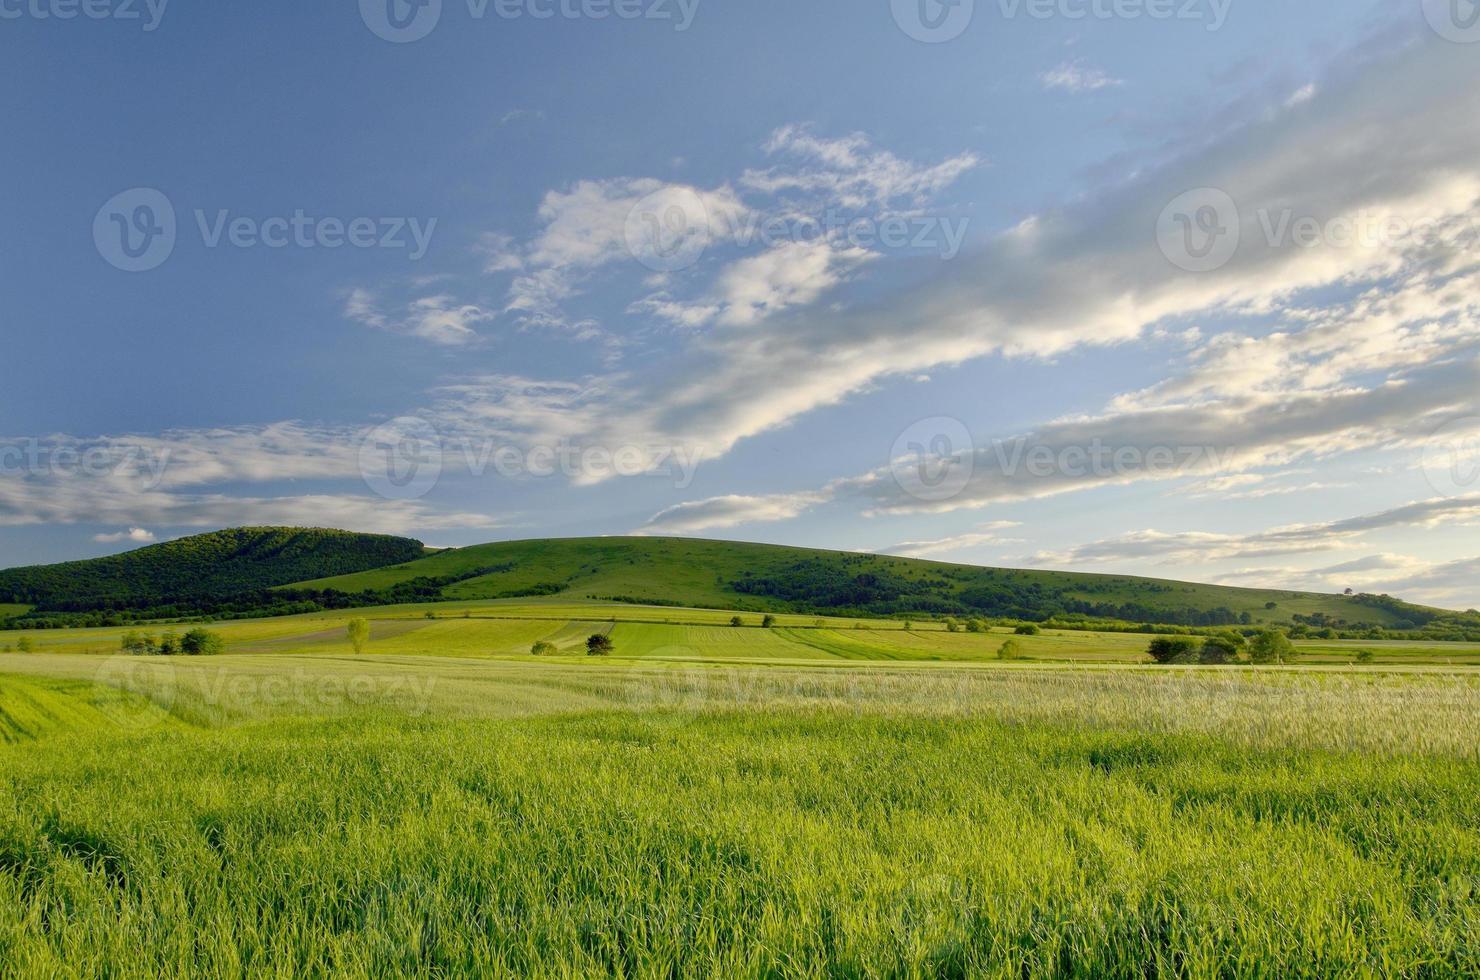 campo verde e céu azul brilhante foto